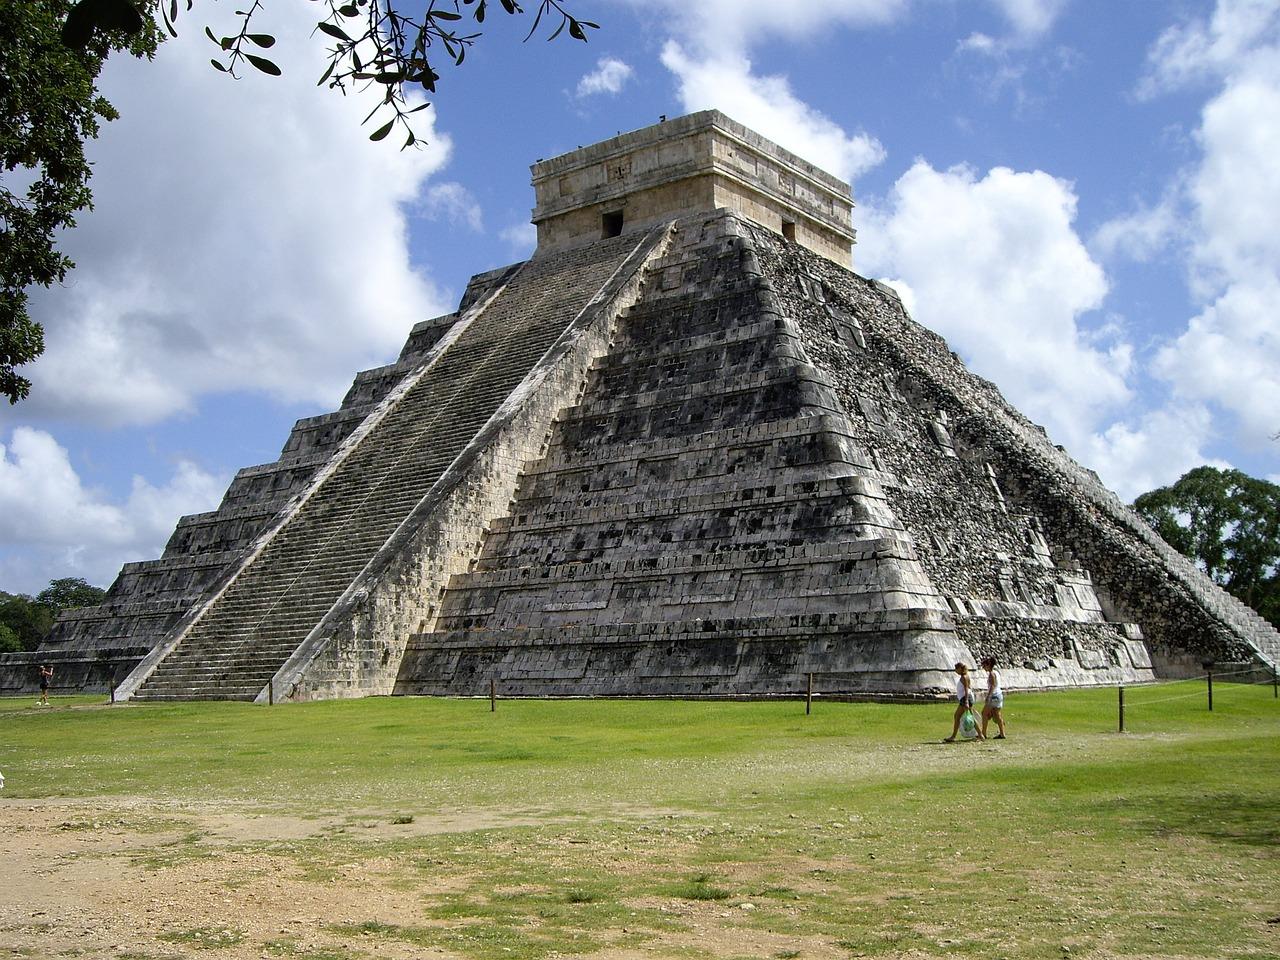 lieu les plus mystérieux temple mayas au mexique